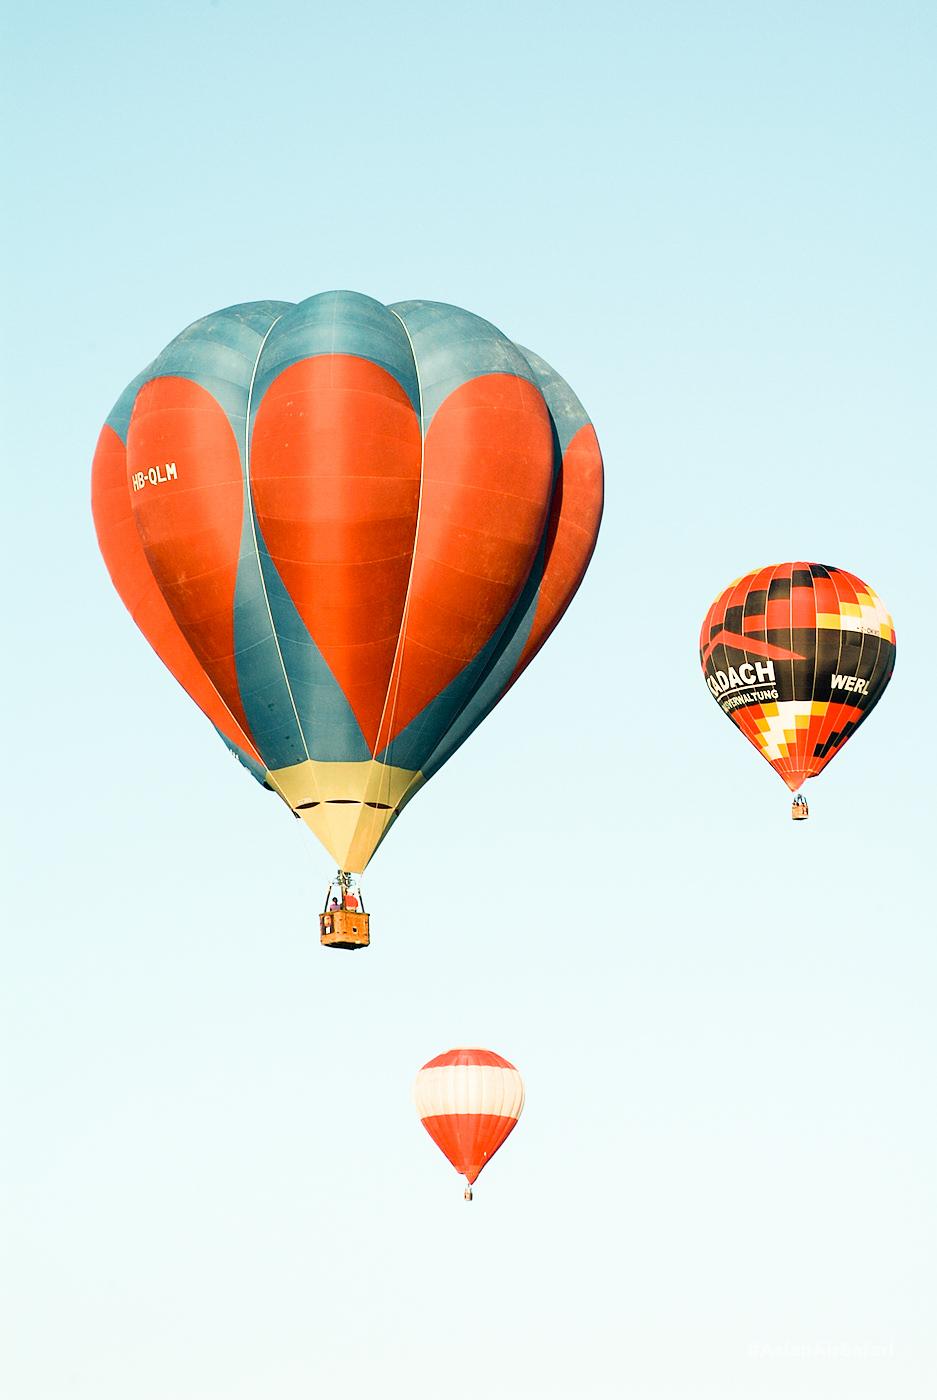 balloonslide (10 of 25)